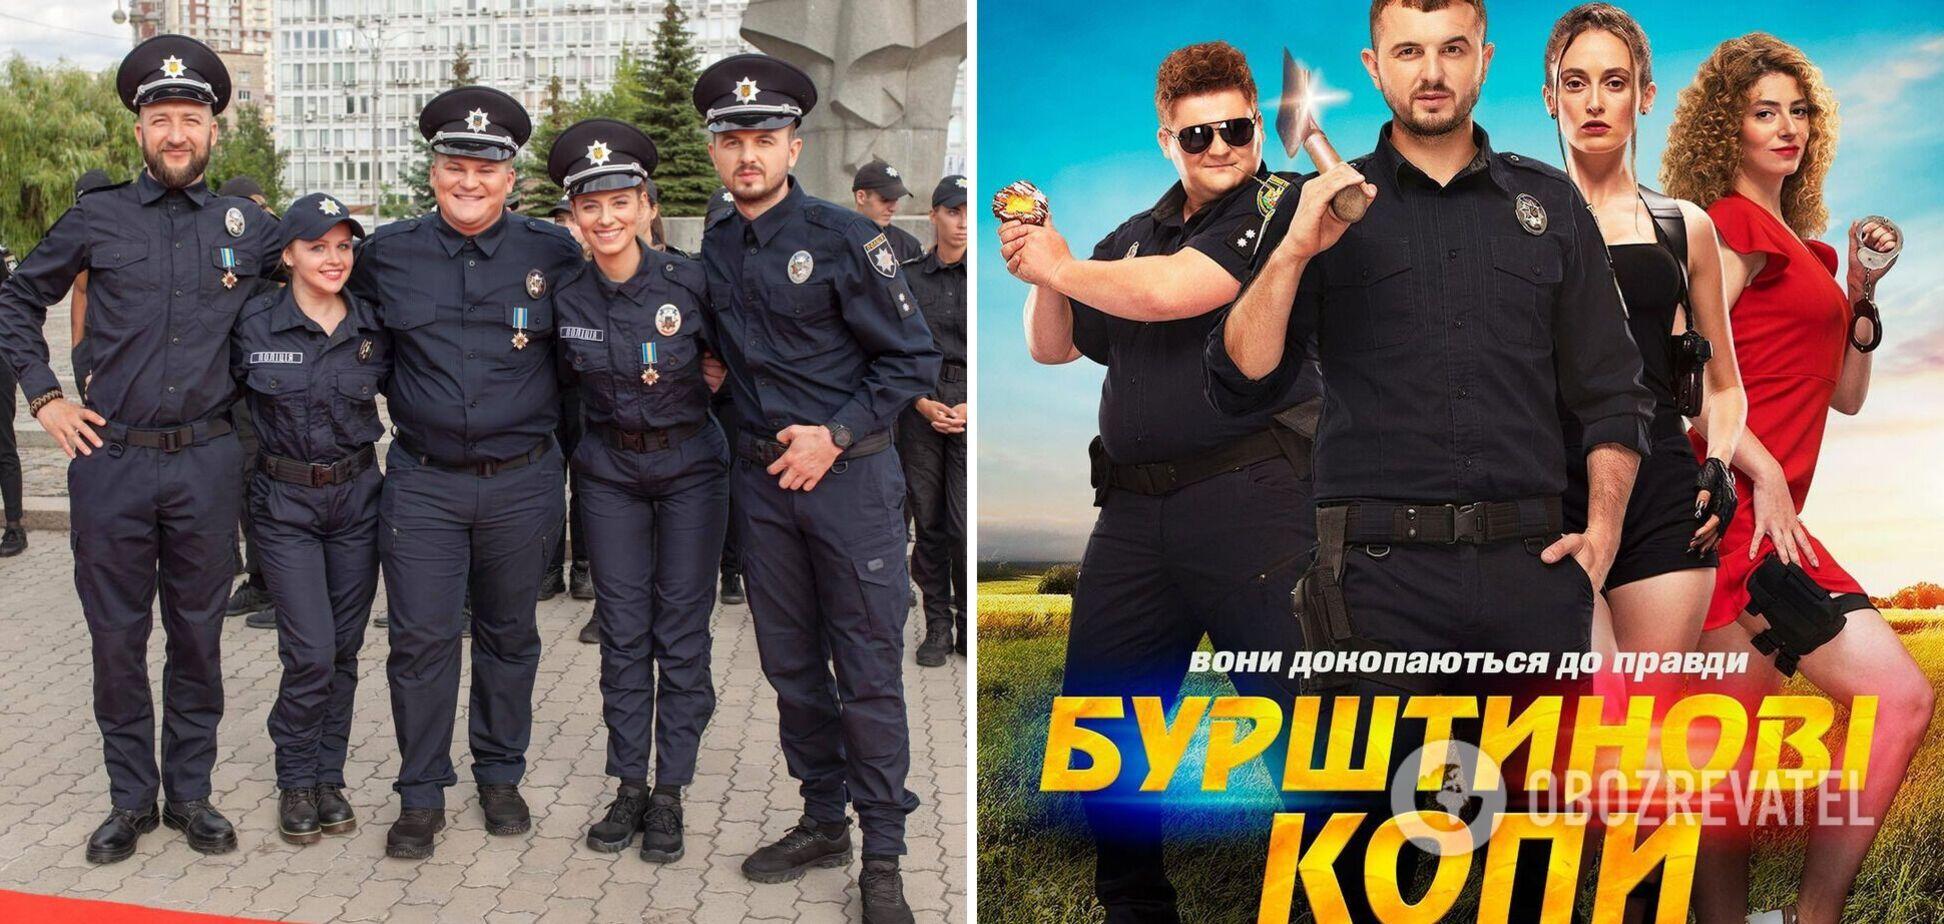 'Янтарные копы' 7 октября в кинотеатрах